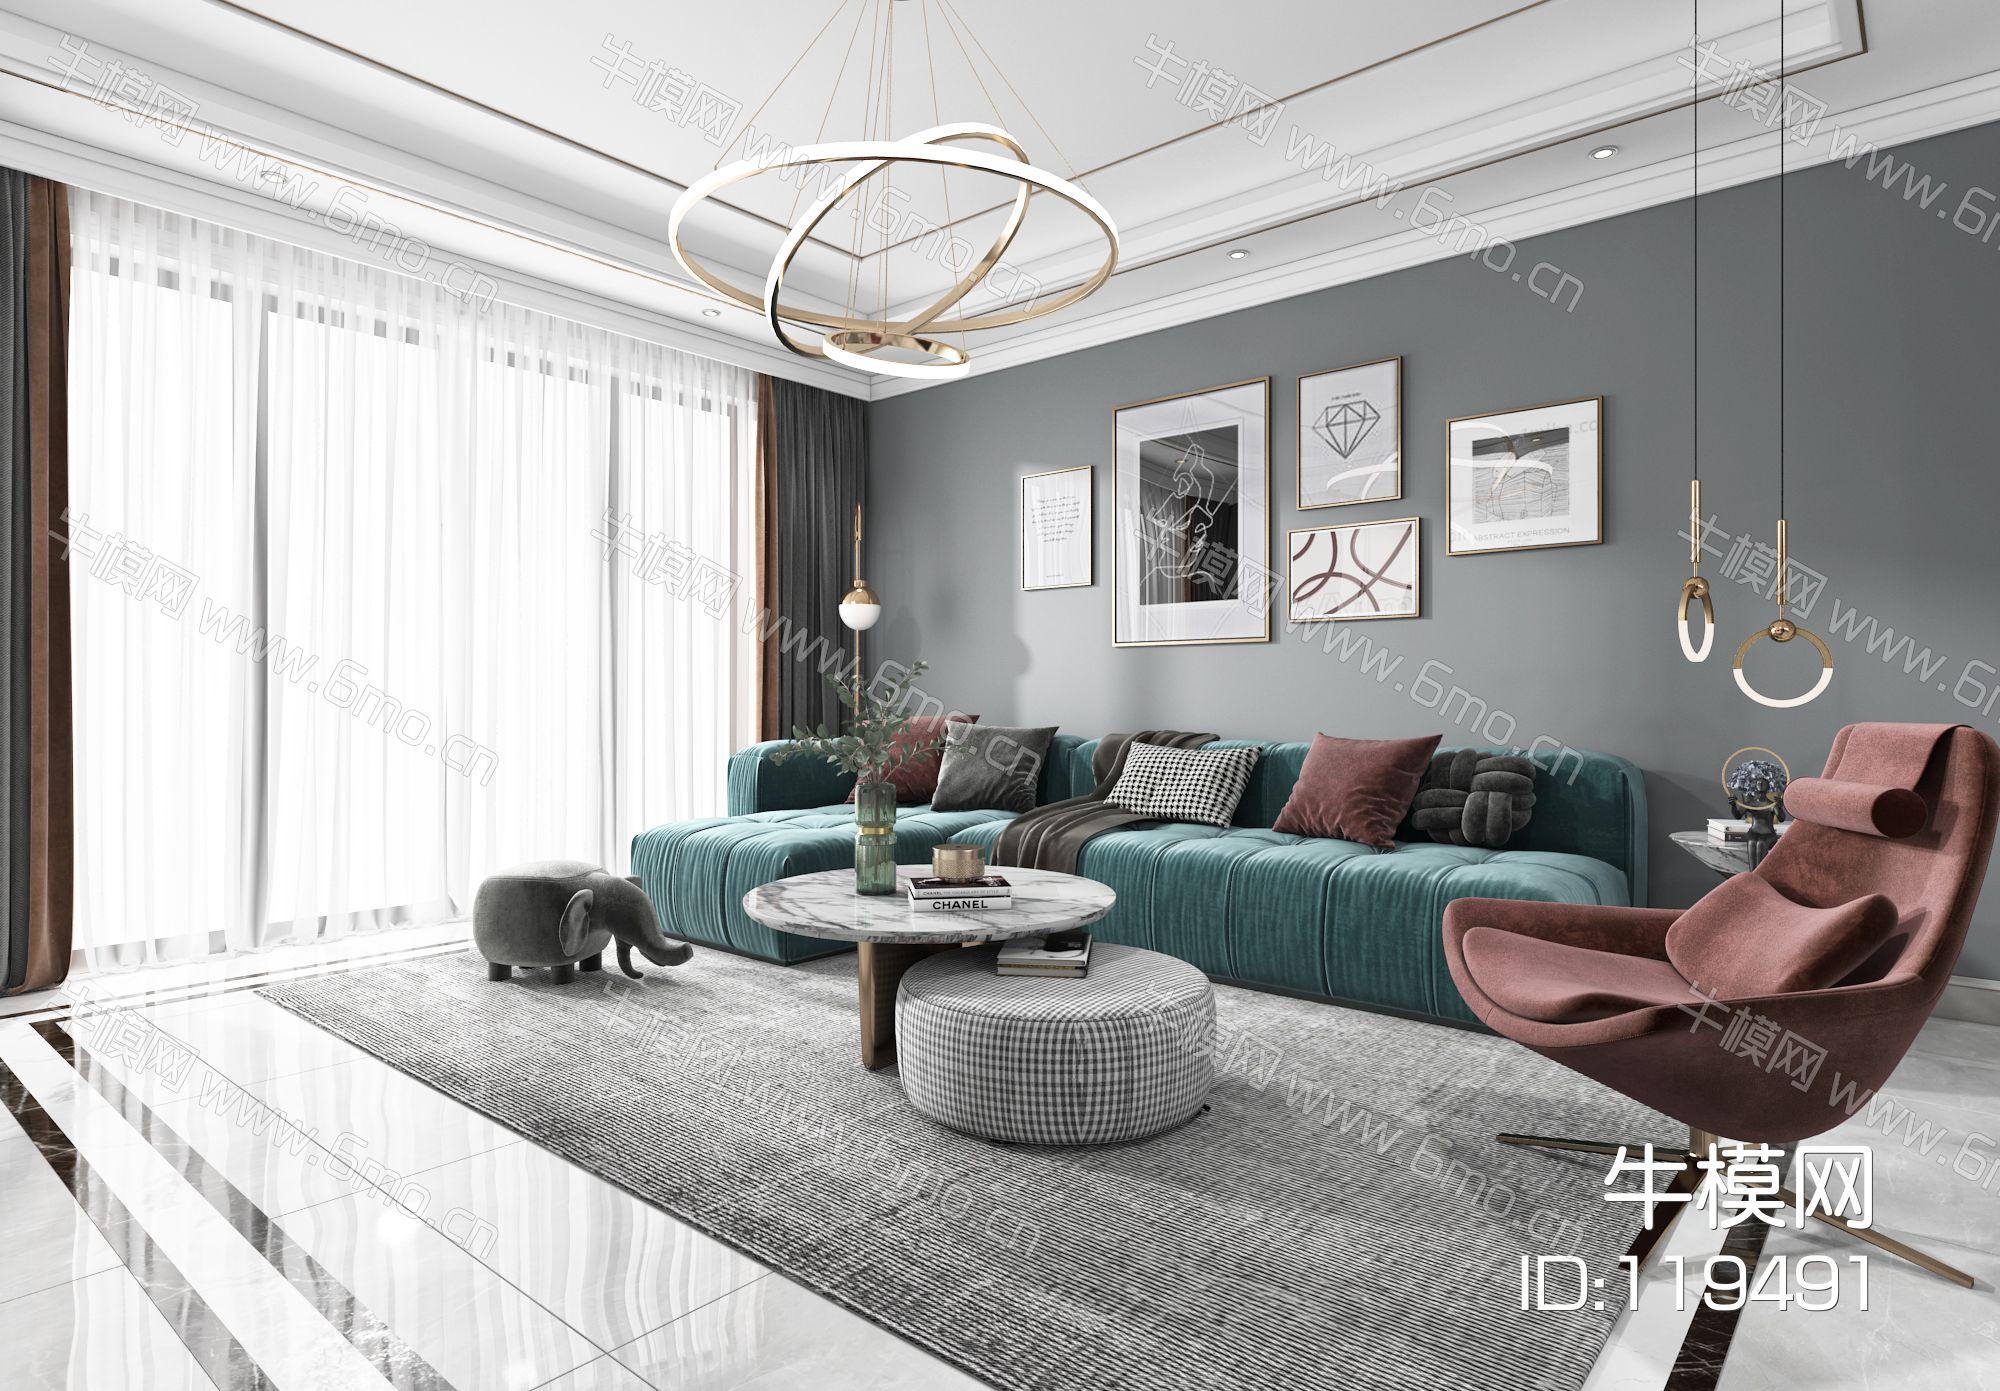 现代客厅餐厅,沙发,餐桌,电视柜,吊灯,墙饰,装饰画